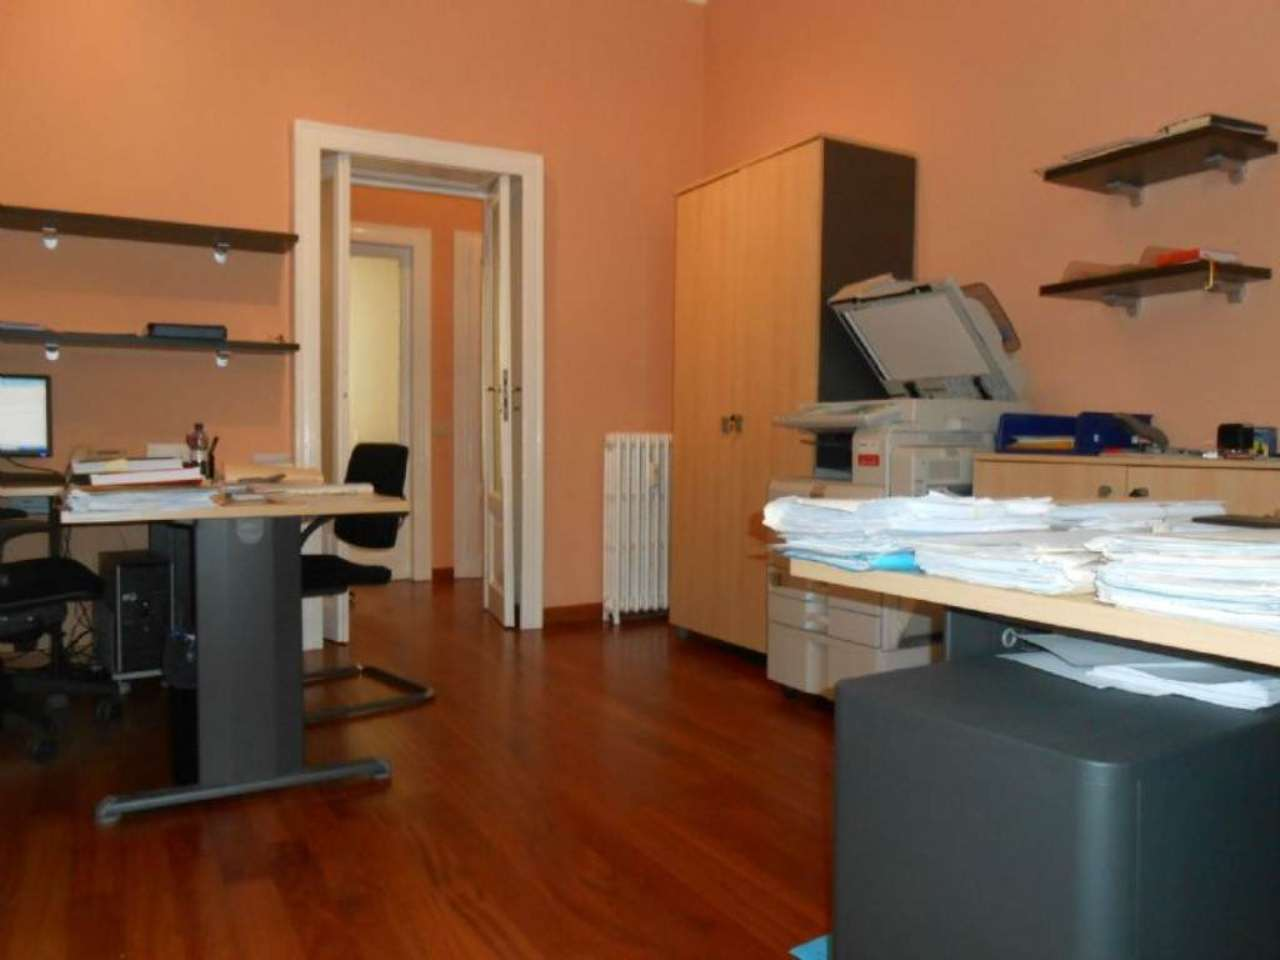 Appartamento in affitto a Milano, 2 locali, zona Zona: 1 . Centro Storico, Duomo, Brera, Cadorna, Cattolica, prezzo € 1.800 | Cambio Casa.it